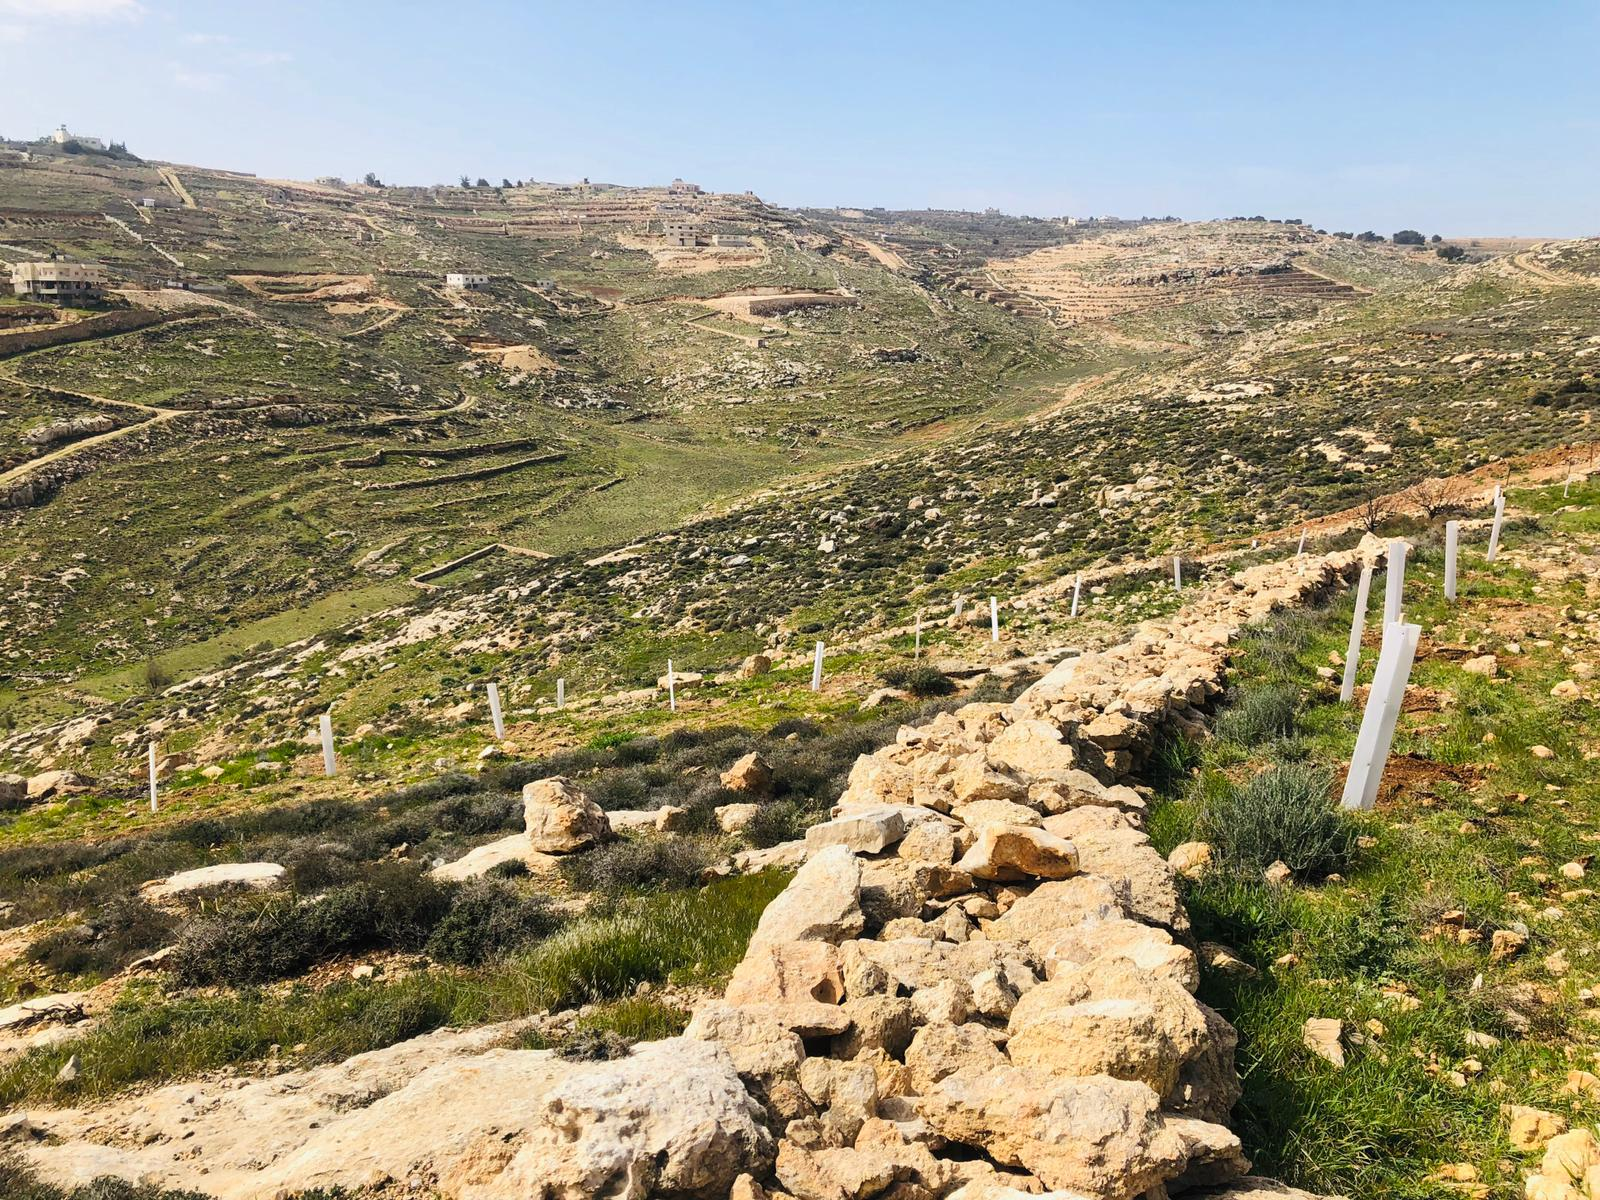 In de witte hulzen zijn de olijfbomen beschermd tegen hongerige schapen